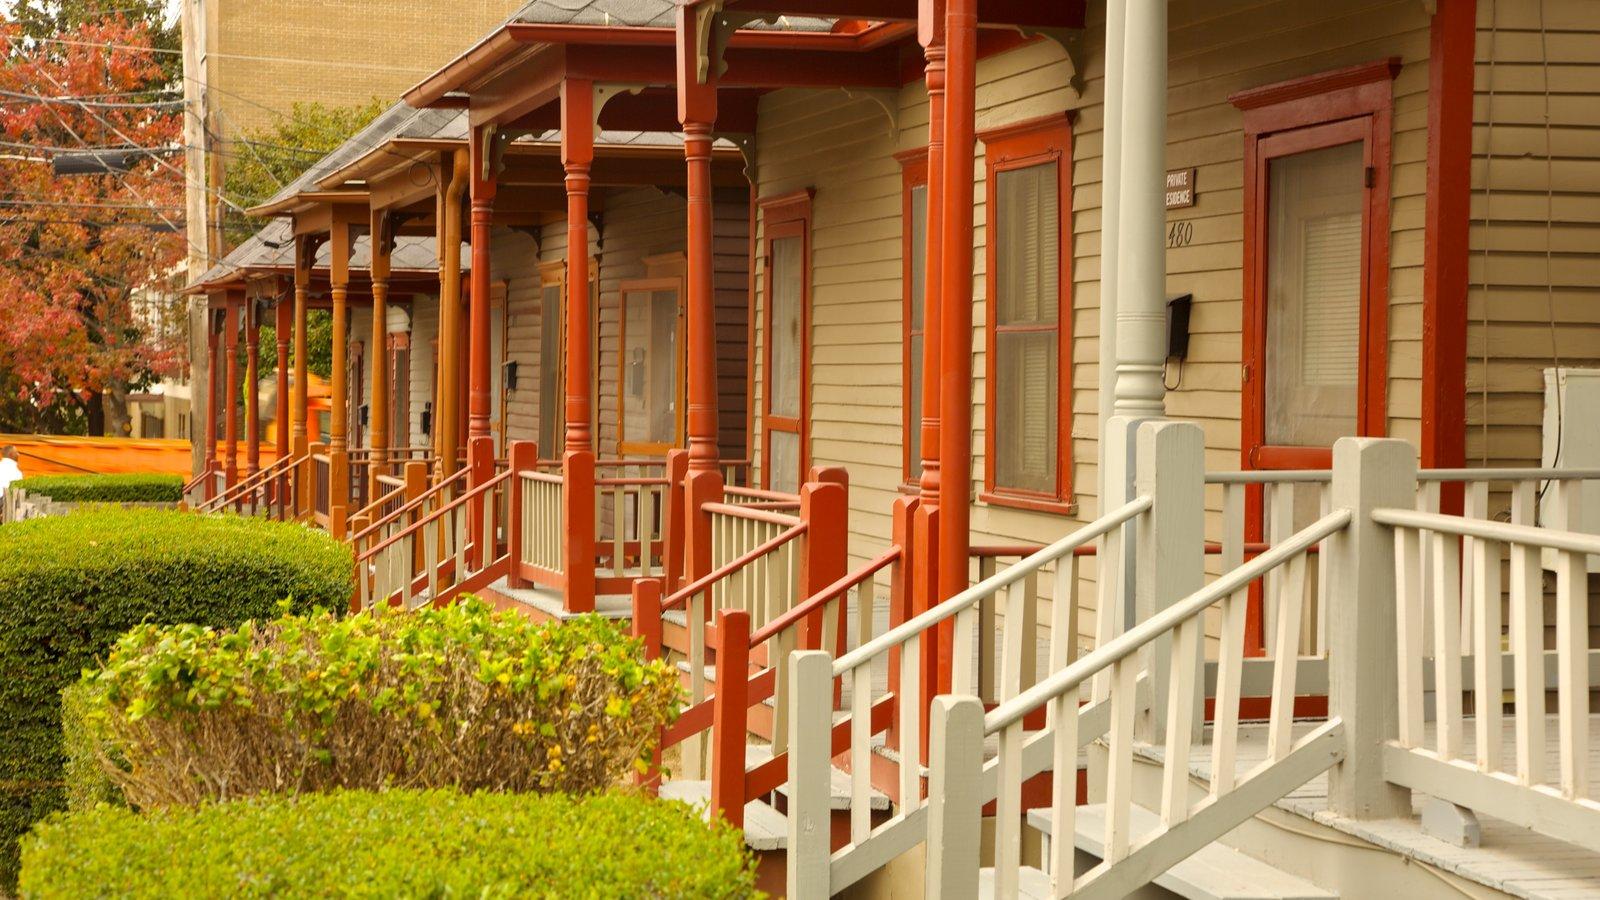 Atlanta que inclui uma casa e arquitetura de patrimônio